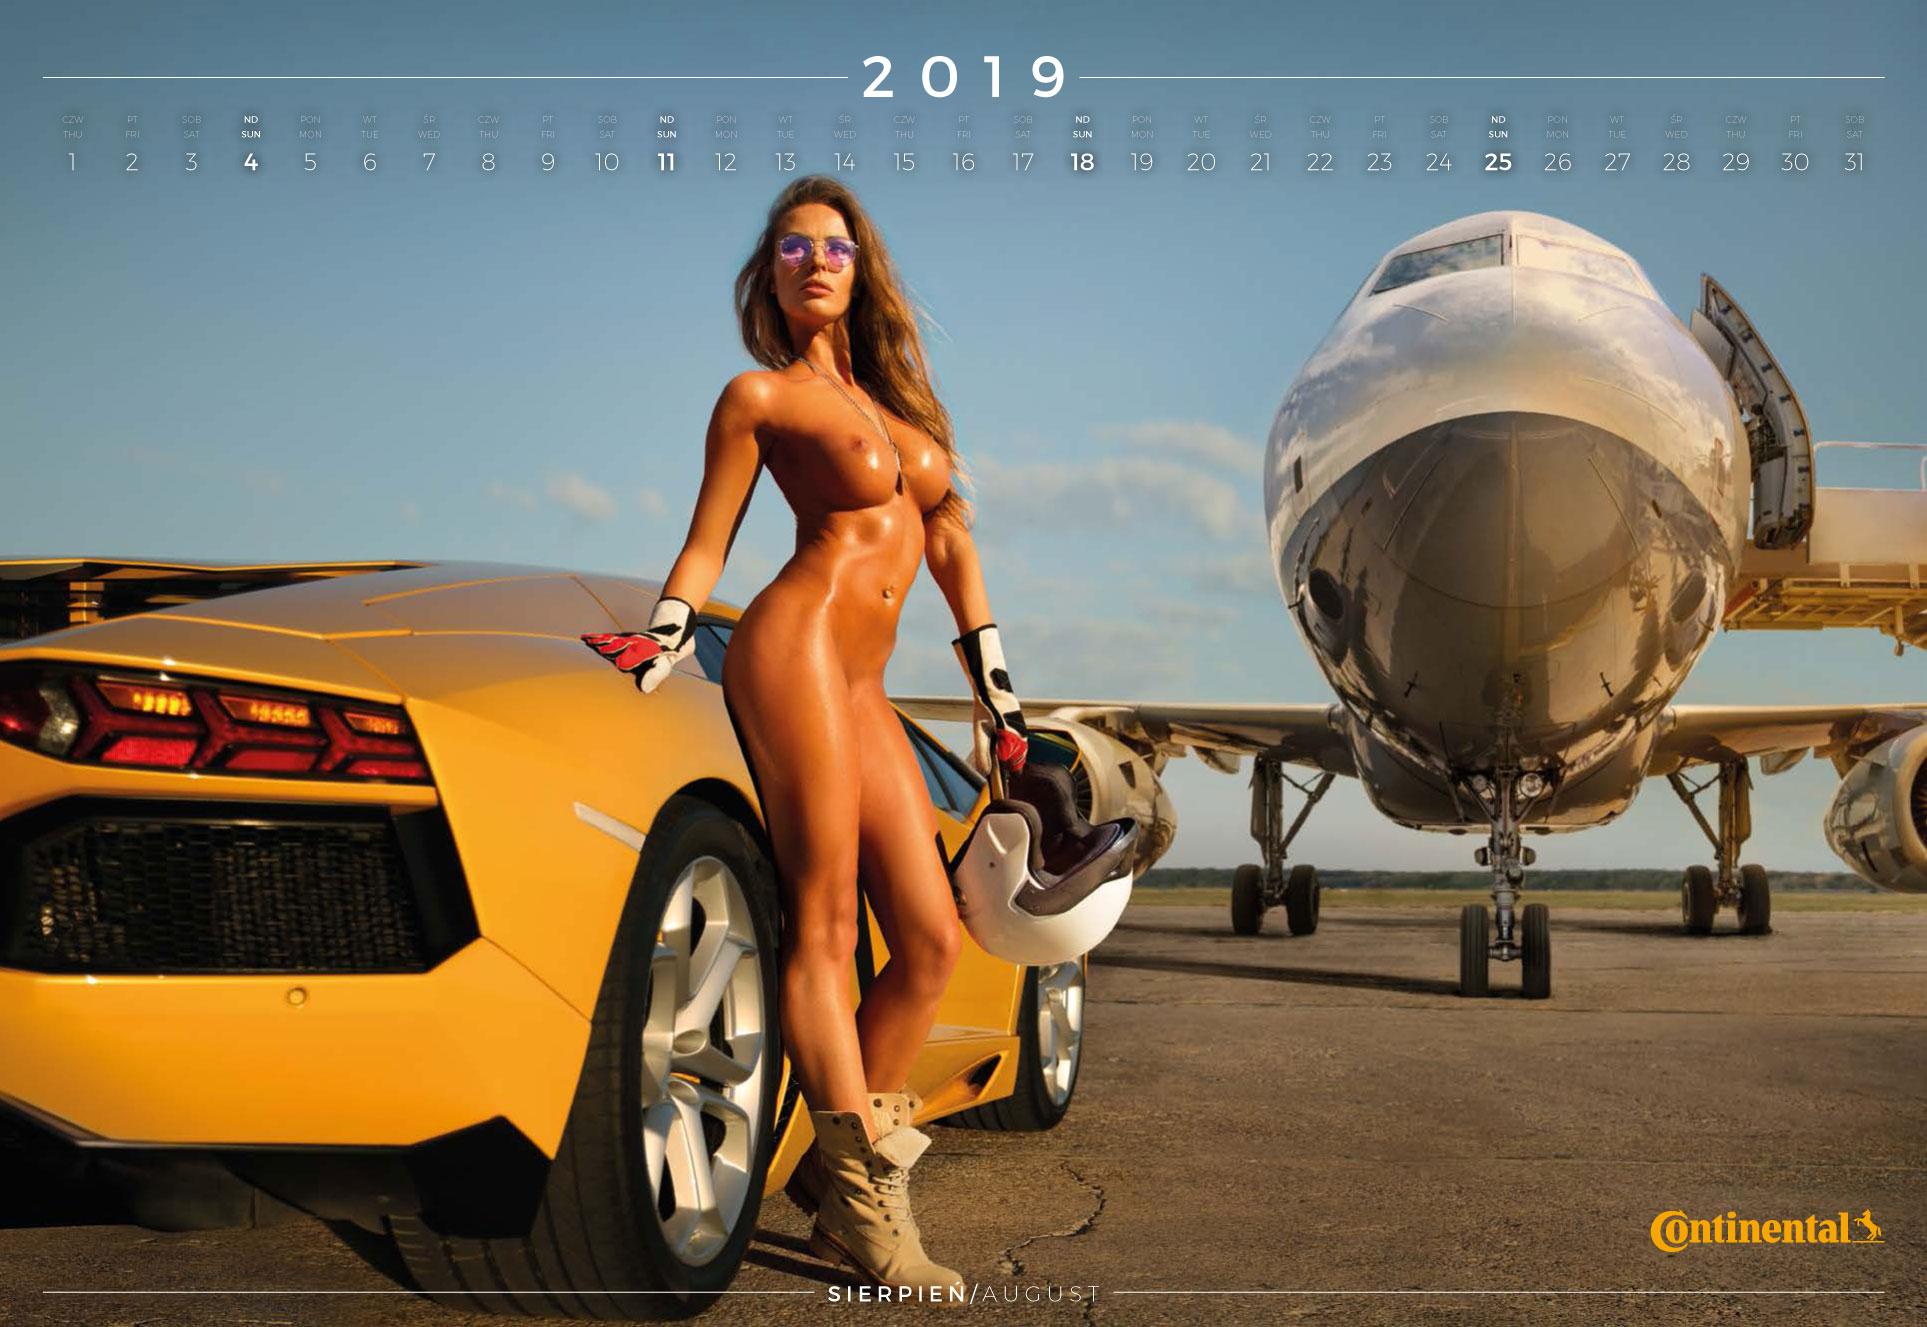 август - эротический календарь 2019 Inter Cars SA / польский дистрибьютор автомобилей, сопутствующих товаров и запчастей